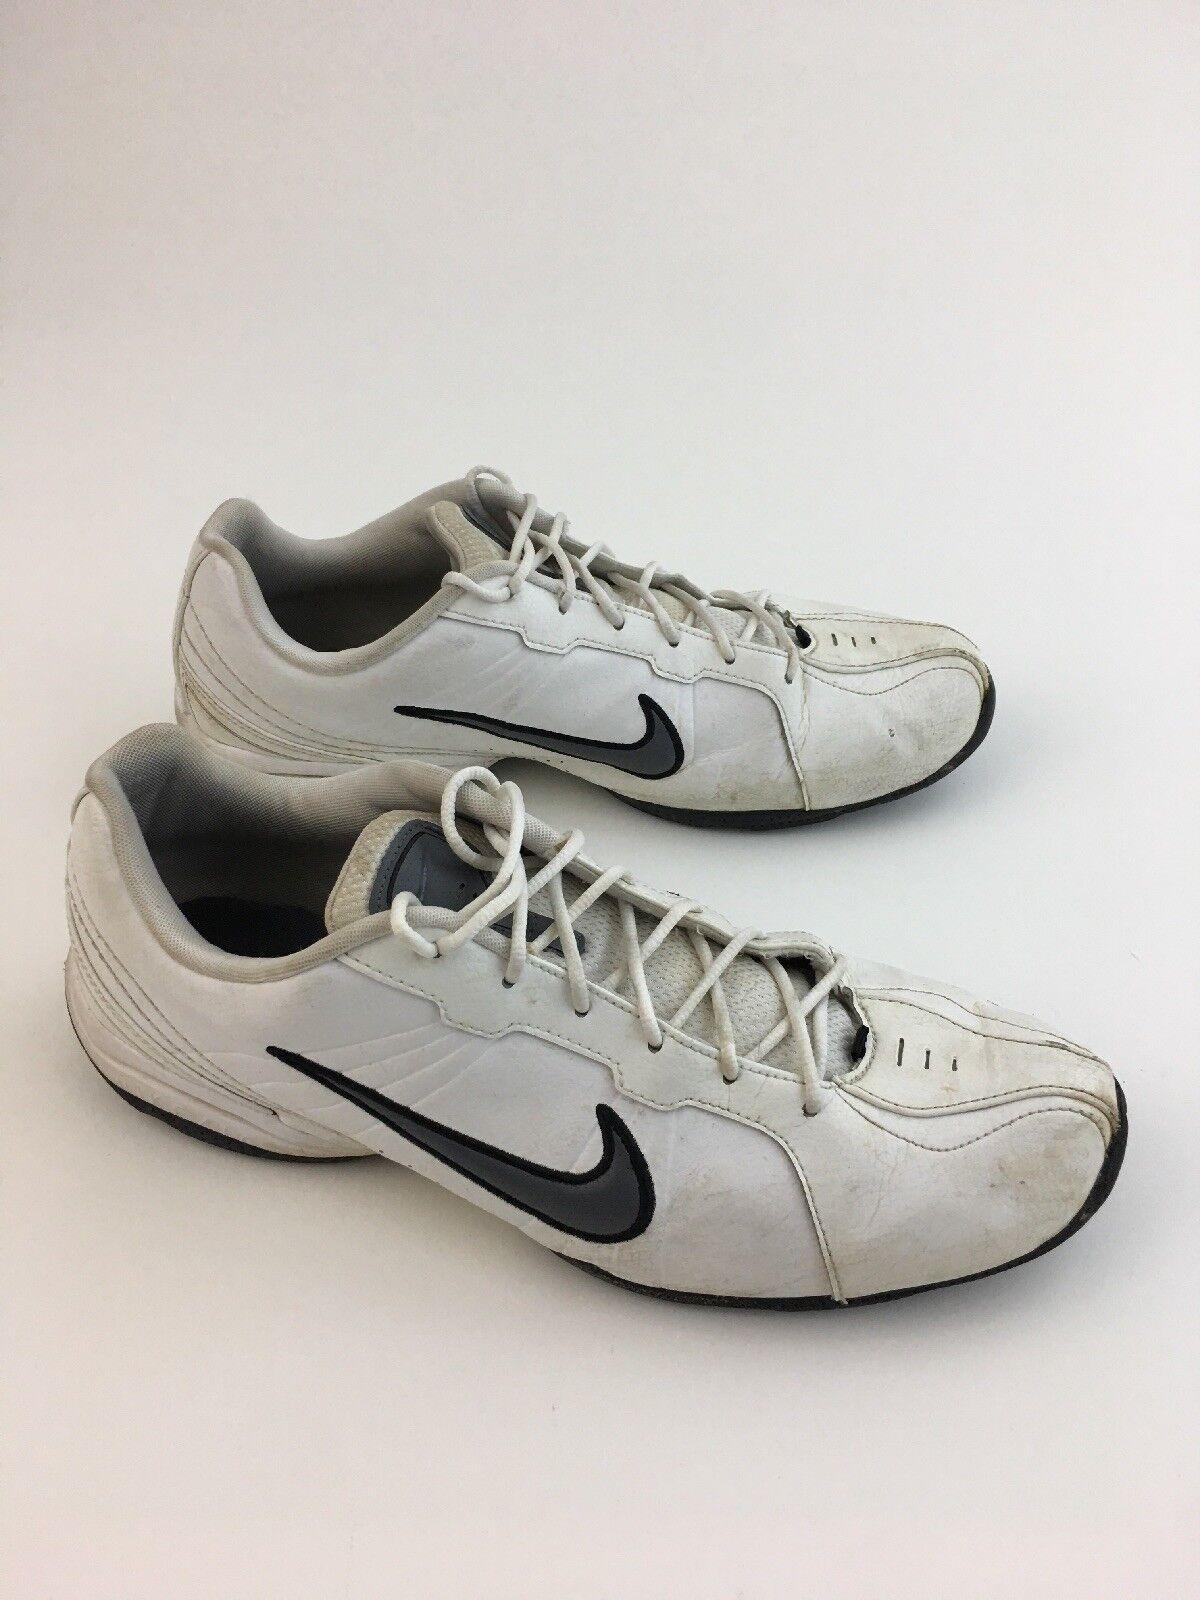 Mens nike air gestisce le scarpe nike nike nike numero 12 | Qualità E Quantità Garantita  | Nuove Varietà Vengono Introdotti Uno Dopo L'altro  | Acquisto  4881a8